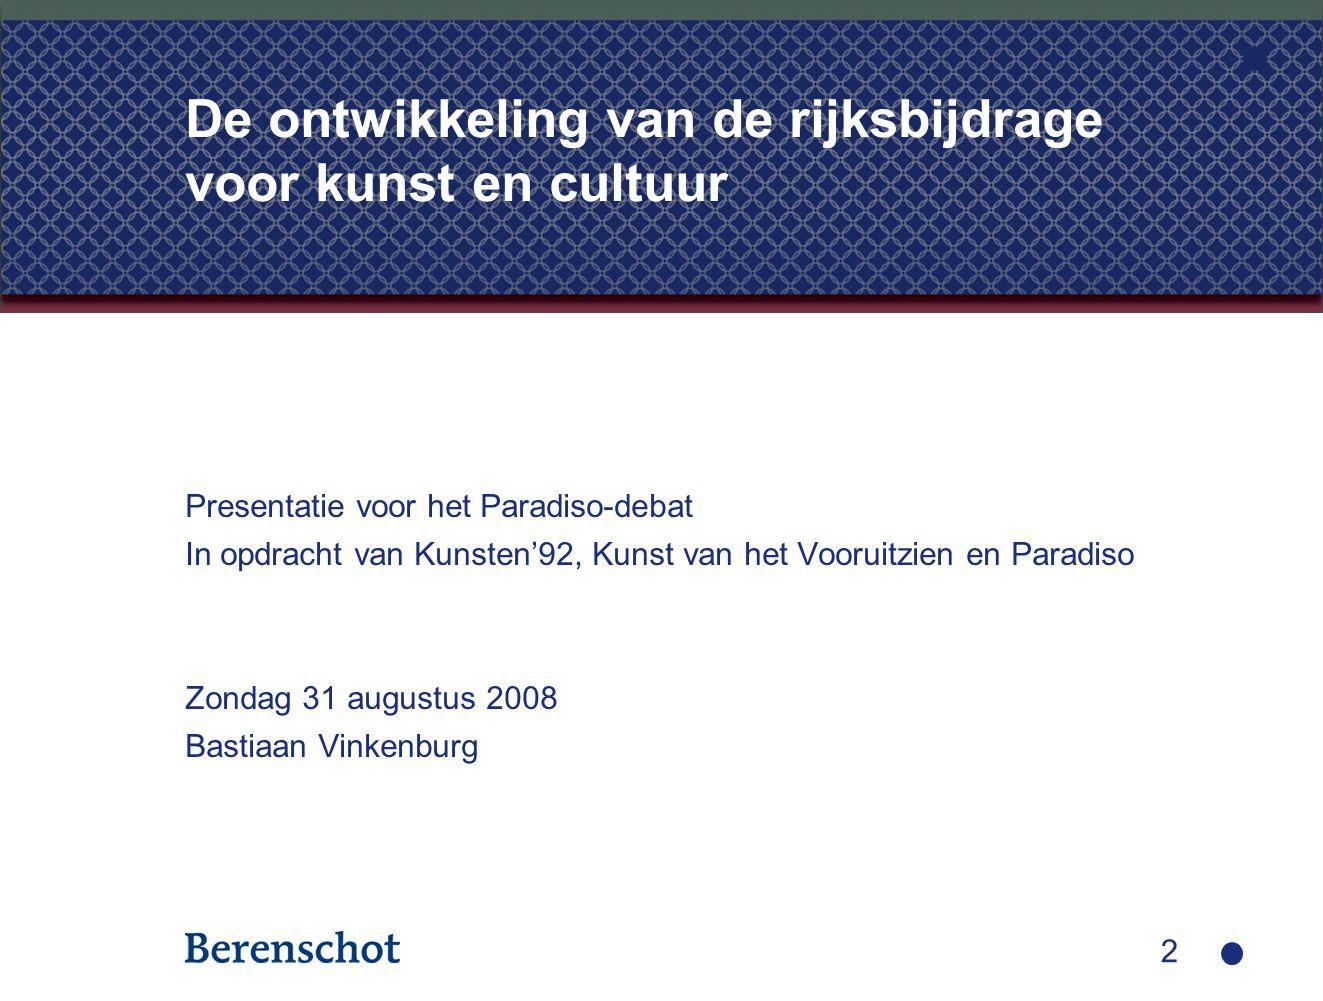 2 De ontwikkeling van de rijksbijdrage voor kunst en cultuur Presentatie voor het Paradiso-debat In opdracht van Kunsten'92, Kunst van het Vooruitzien